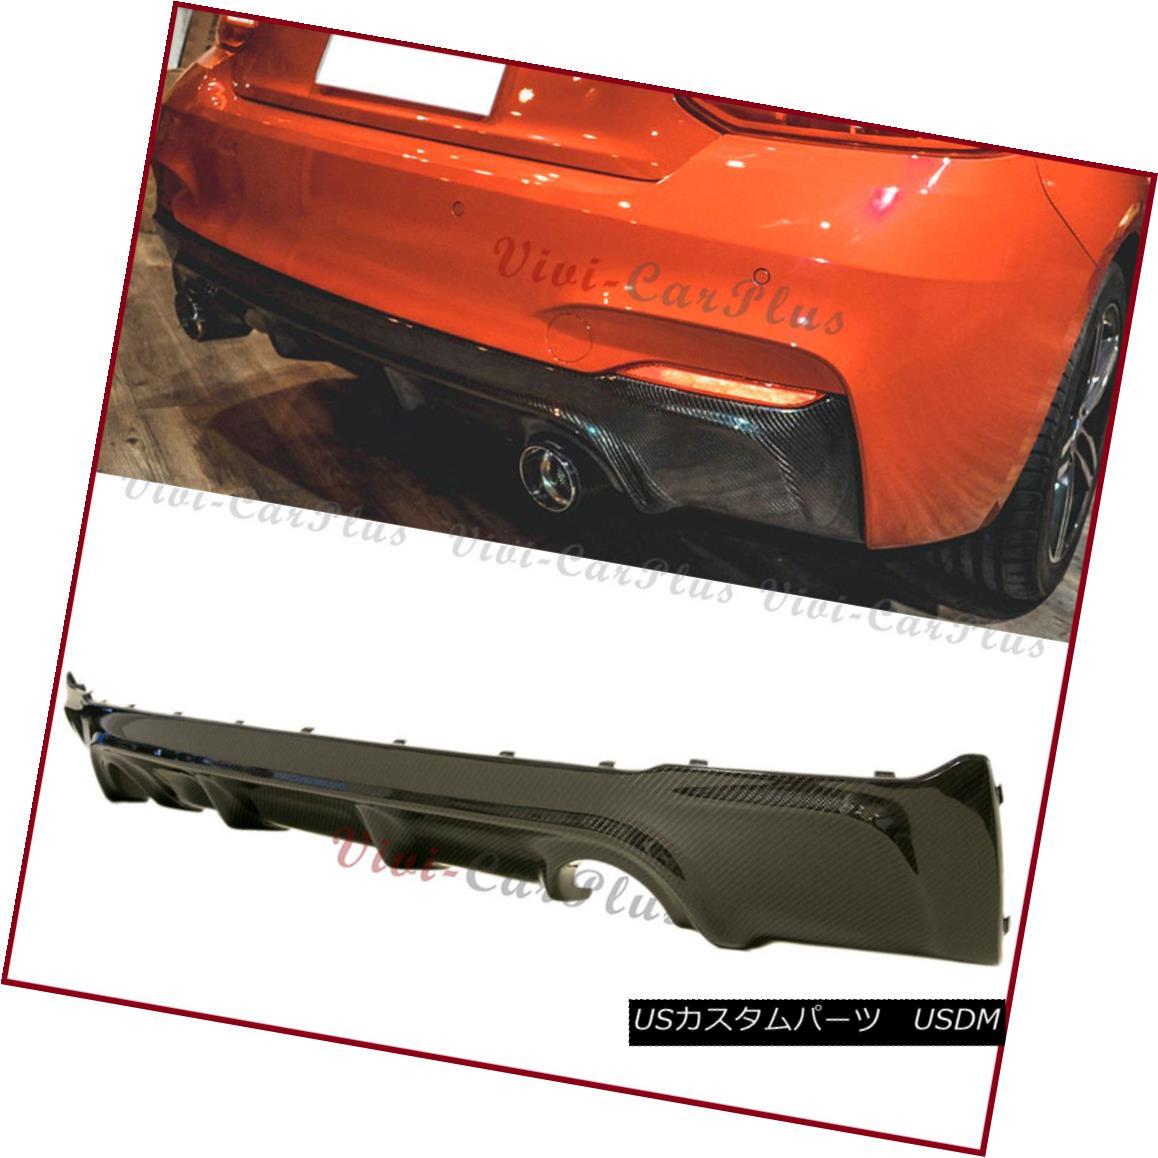 エアロパーツ Carbon Fiber 3D Type Rear Diffuser Lip Fit 2014+ F22 F23 2-Series M-Sport Bumper カーボンファイバー3Dタイプリアディフューザーリップフィット2014+ F22 F23 2シリーズM-スポーツバンパー